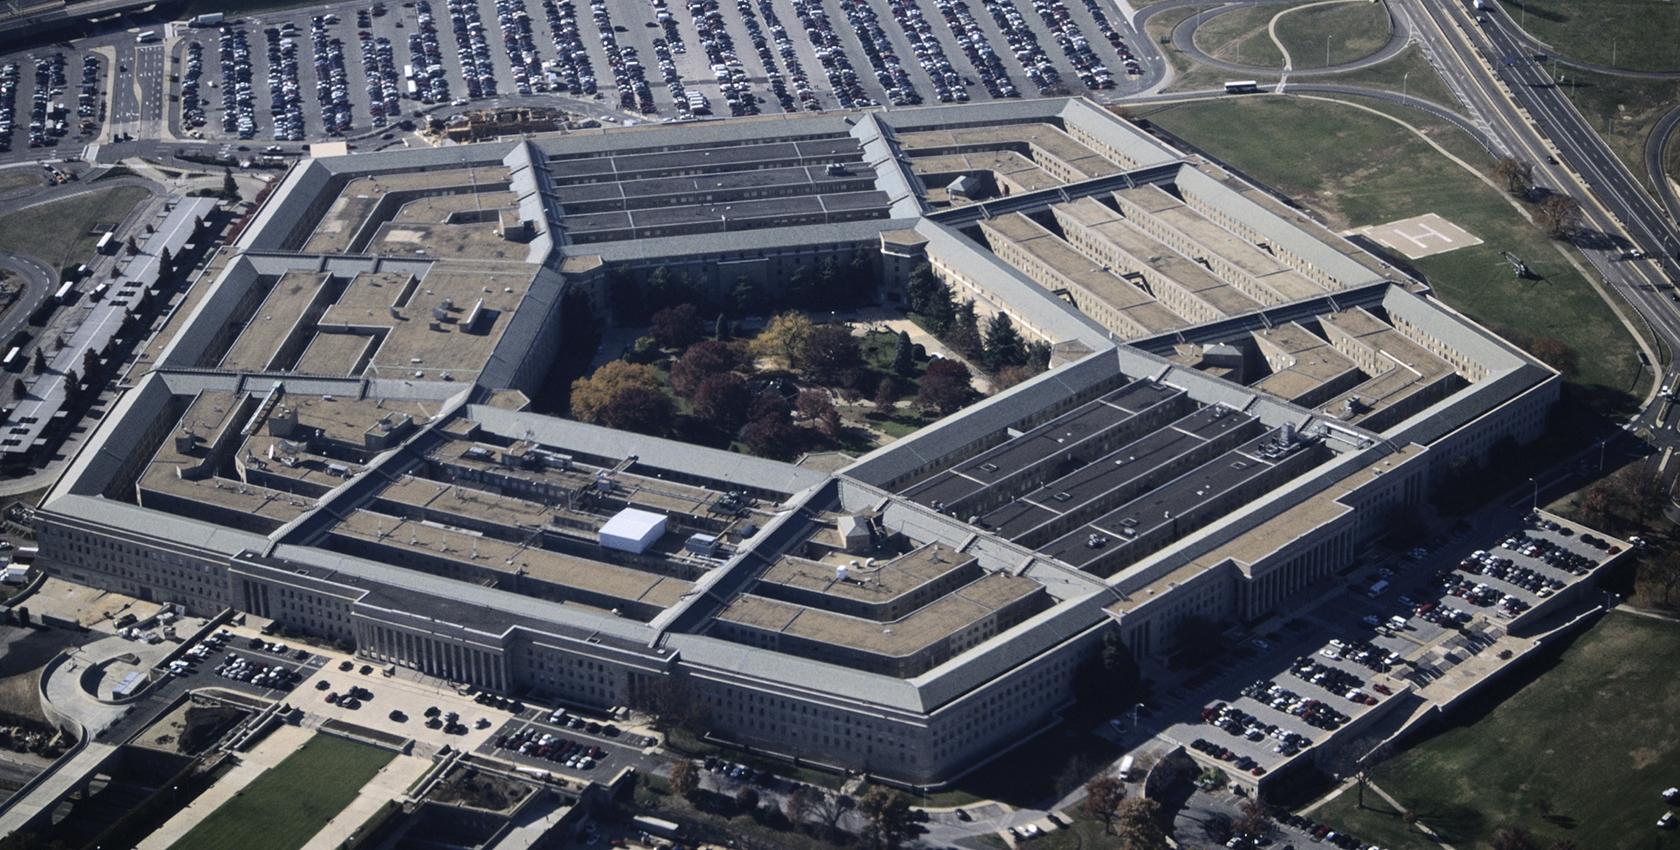 Pentagon'dan silah açıklaması: Alabiliriz